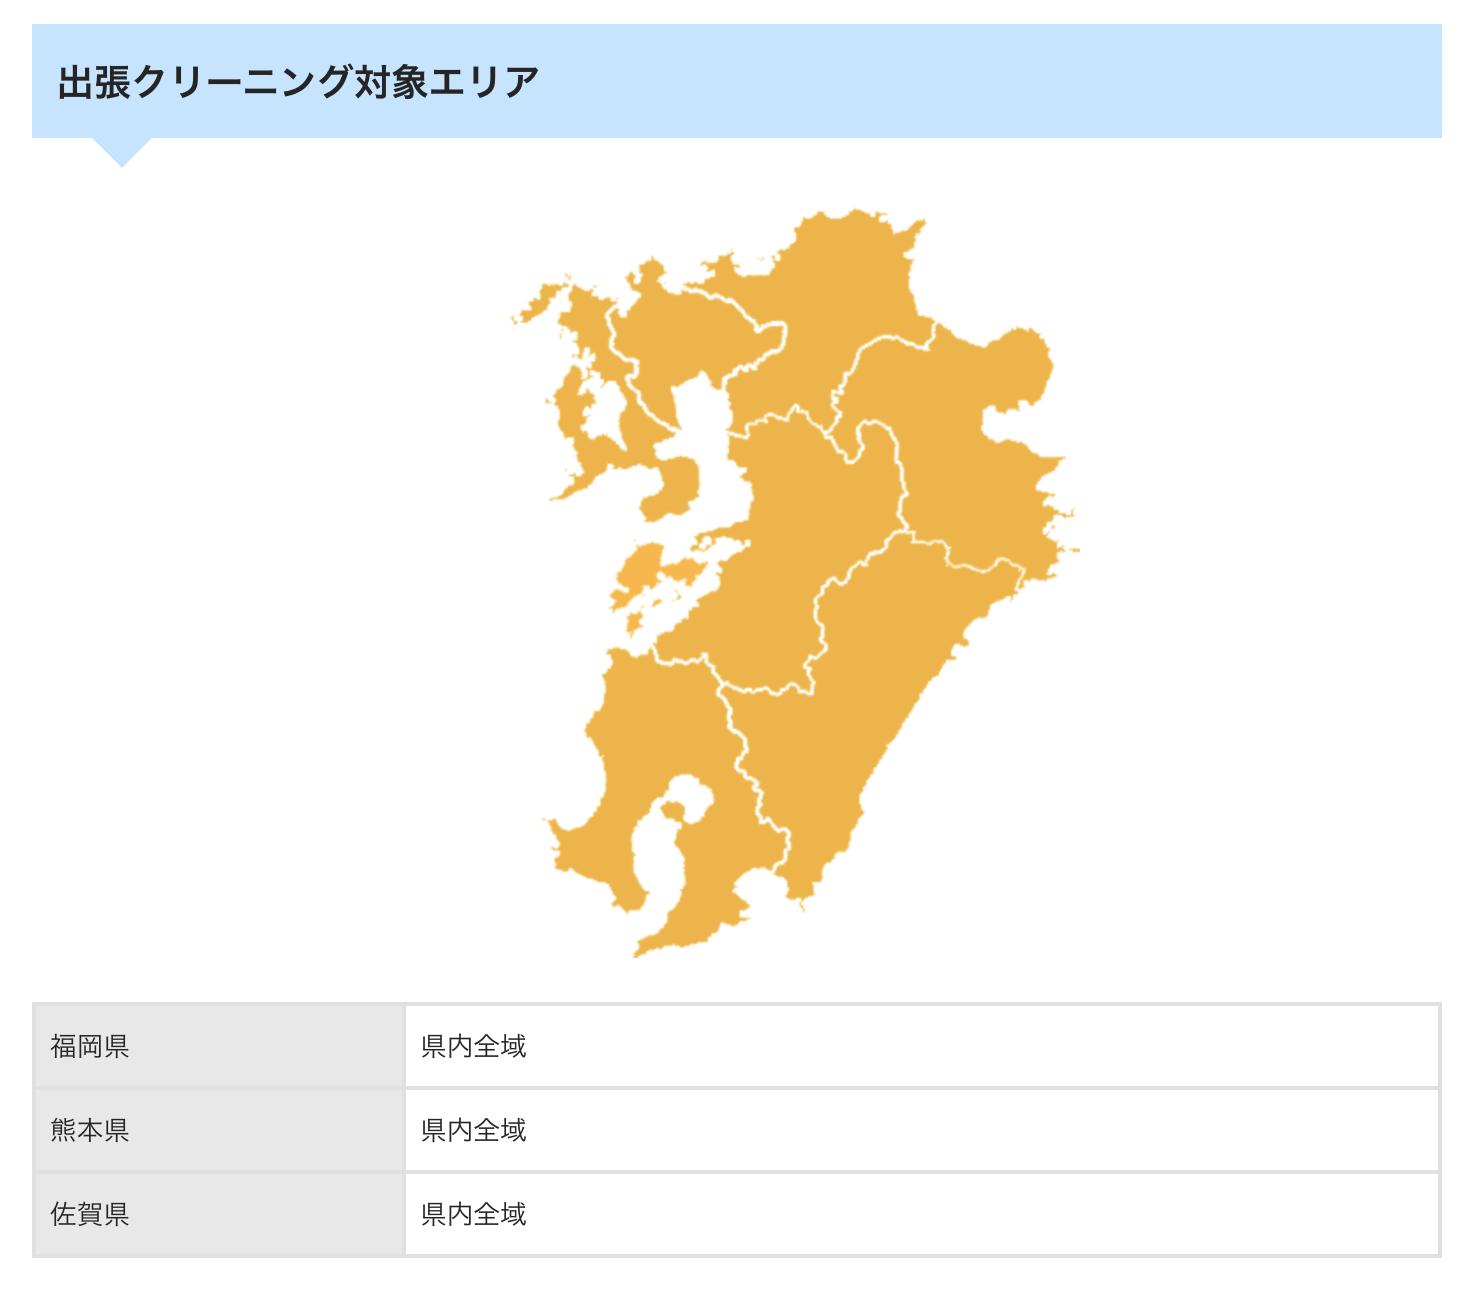 なるほど福岡と提携